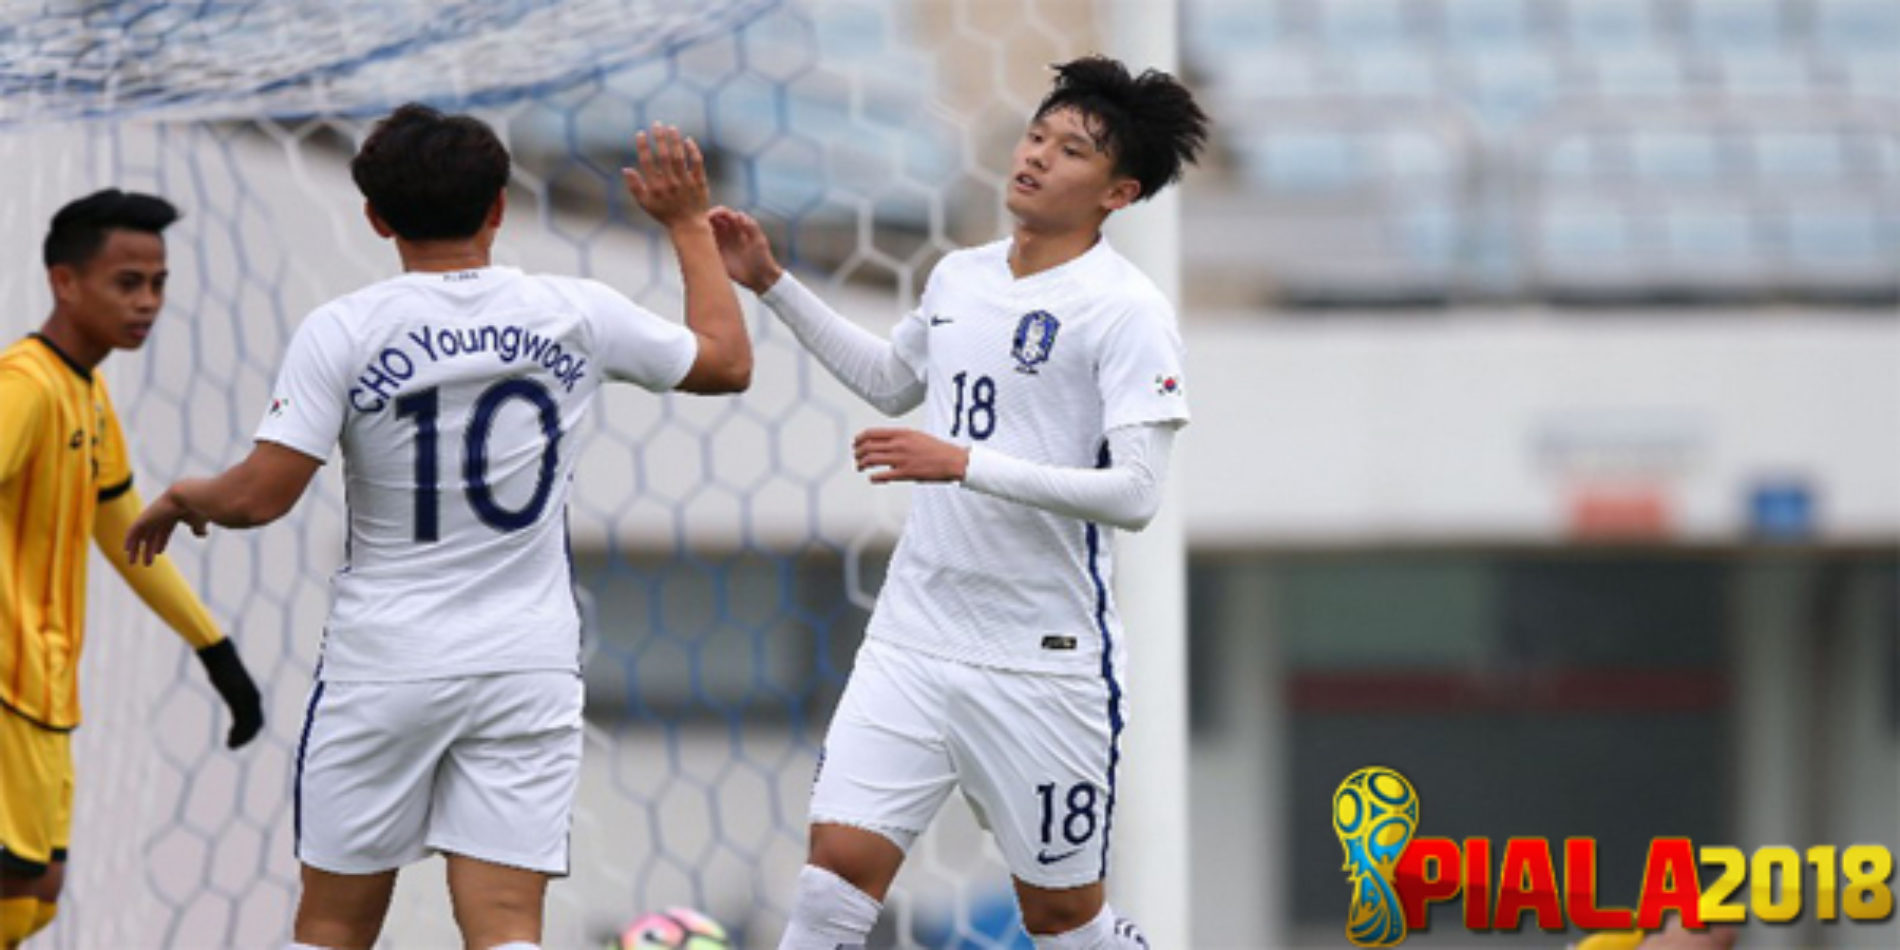 Timnas Korea Selatan Pesimis,Menjelang Piala Russia 2018